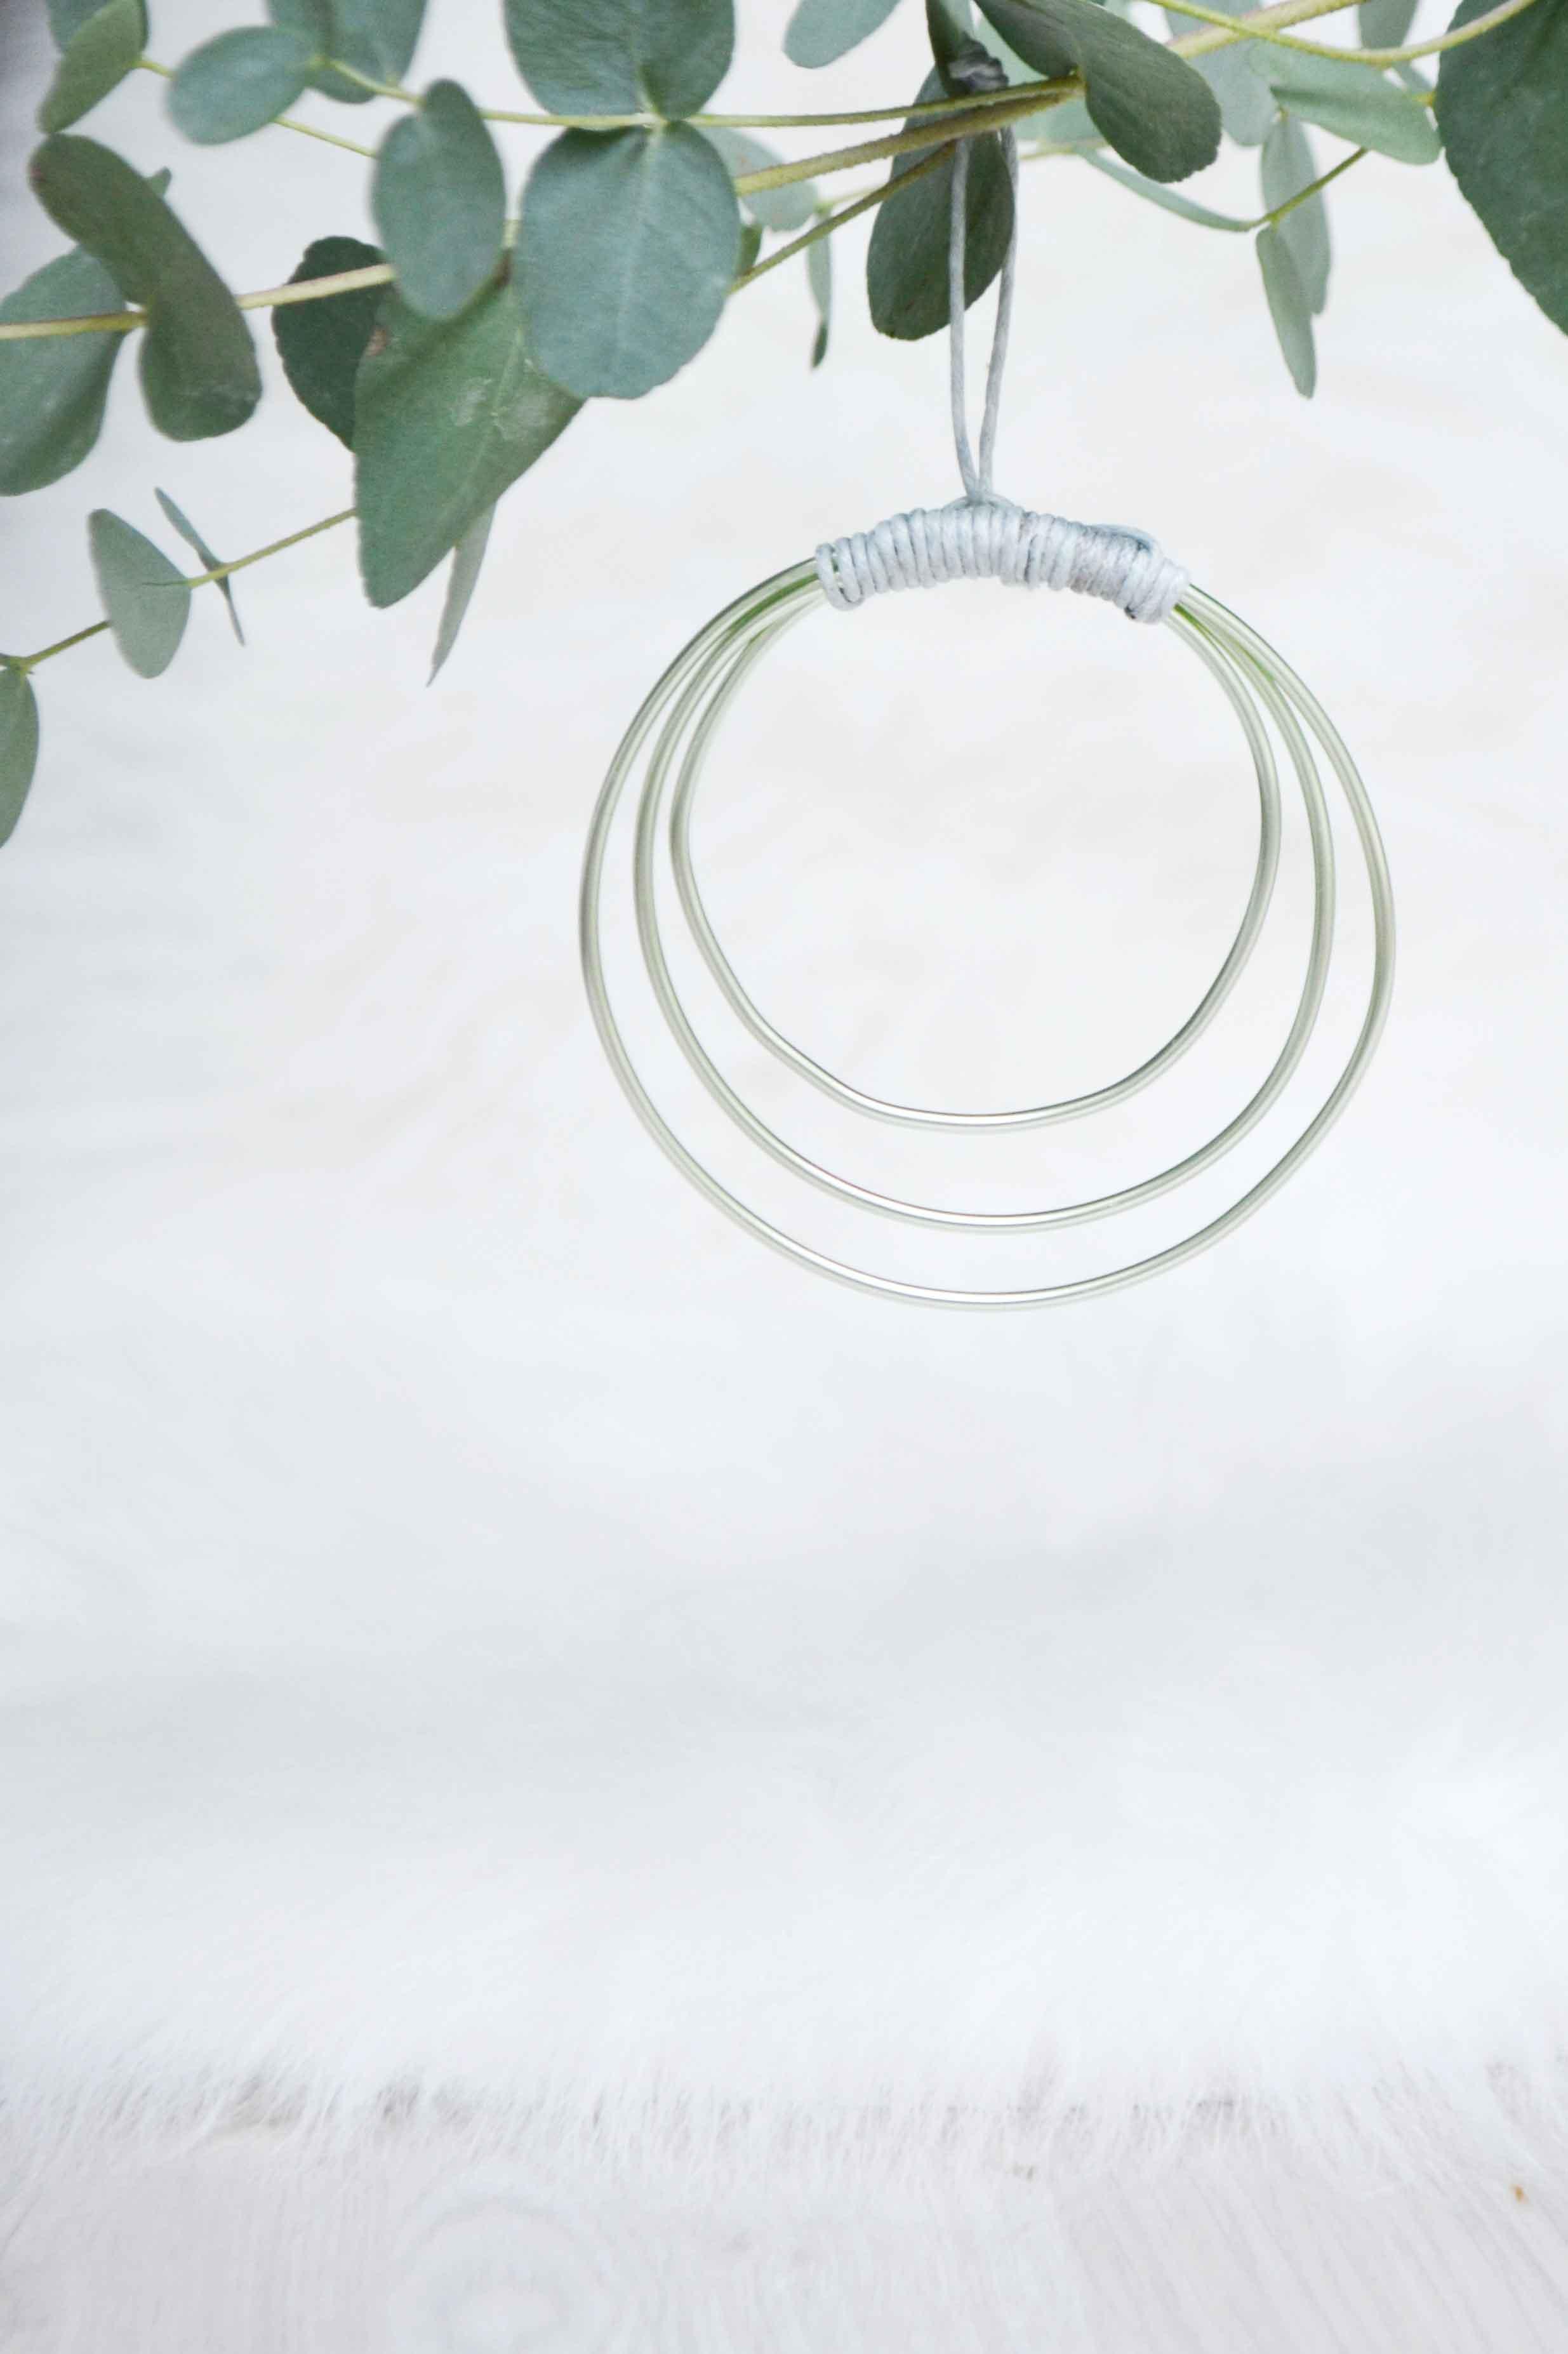 Aluminiumdraht-Ornament